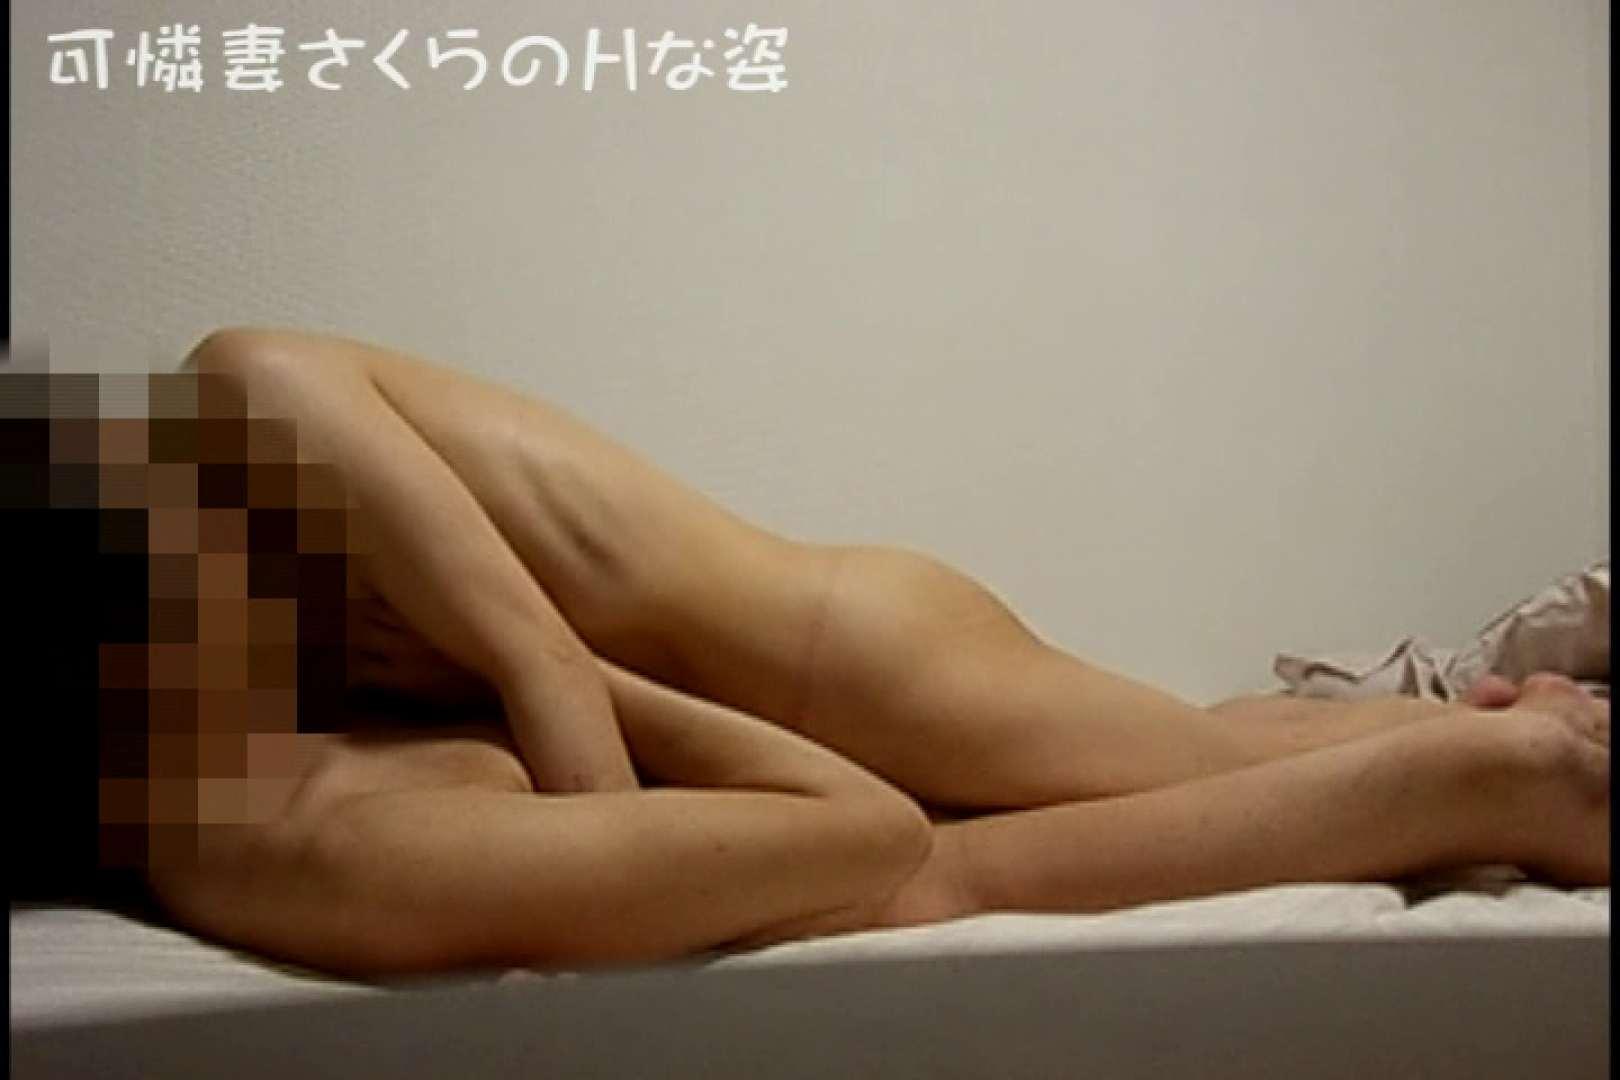 可憐妻さくらのHな姿vol.3 セックス映像 おまんこ無修正動画無料 83pic 39